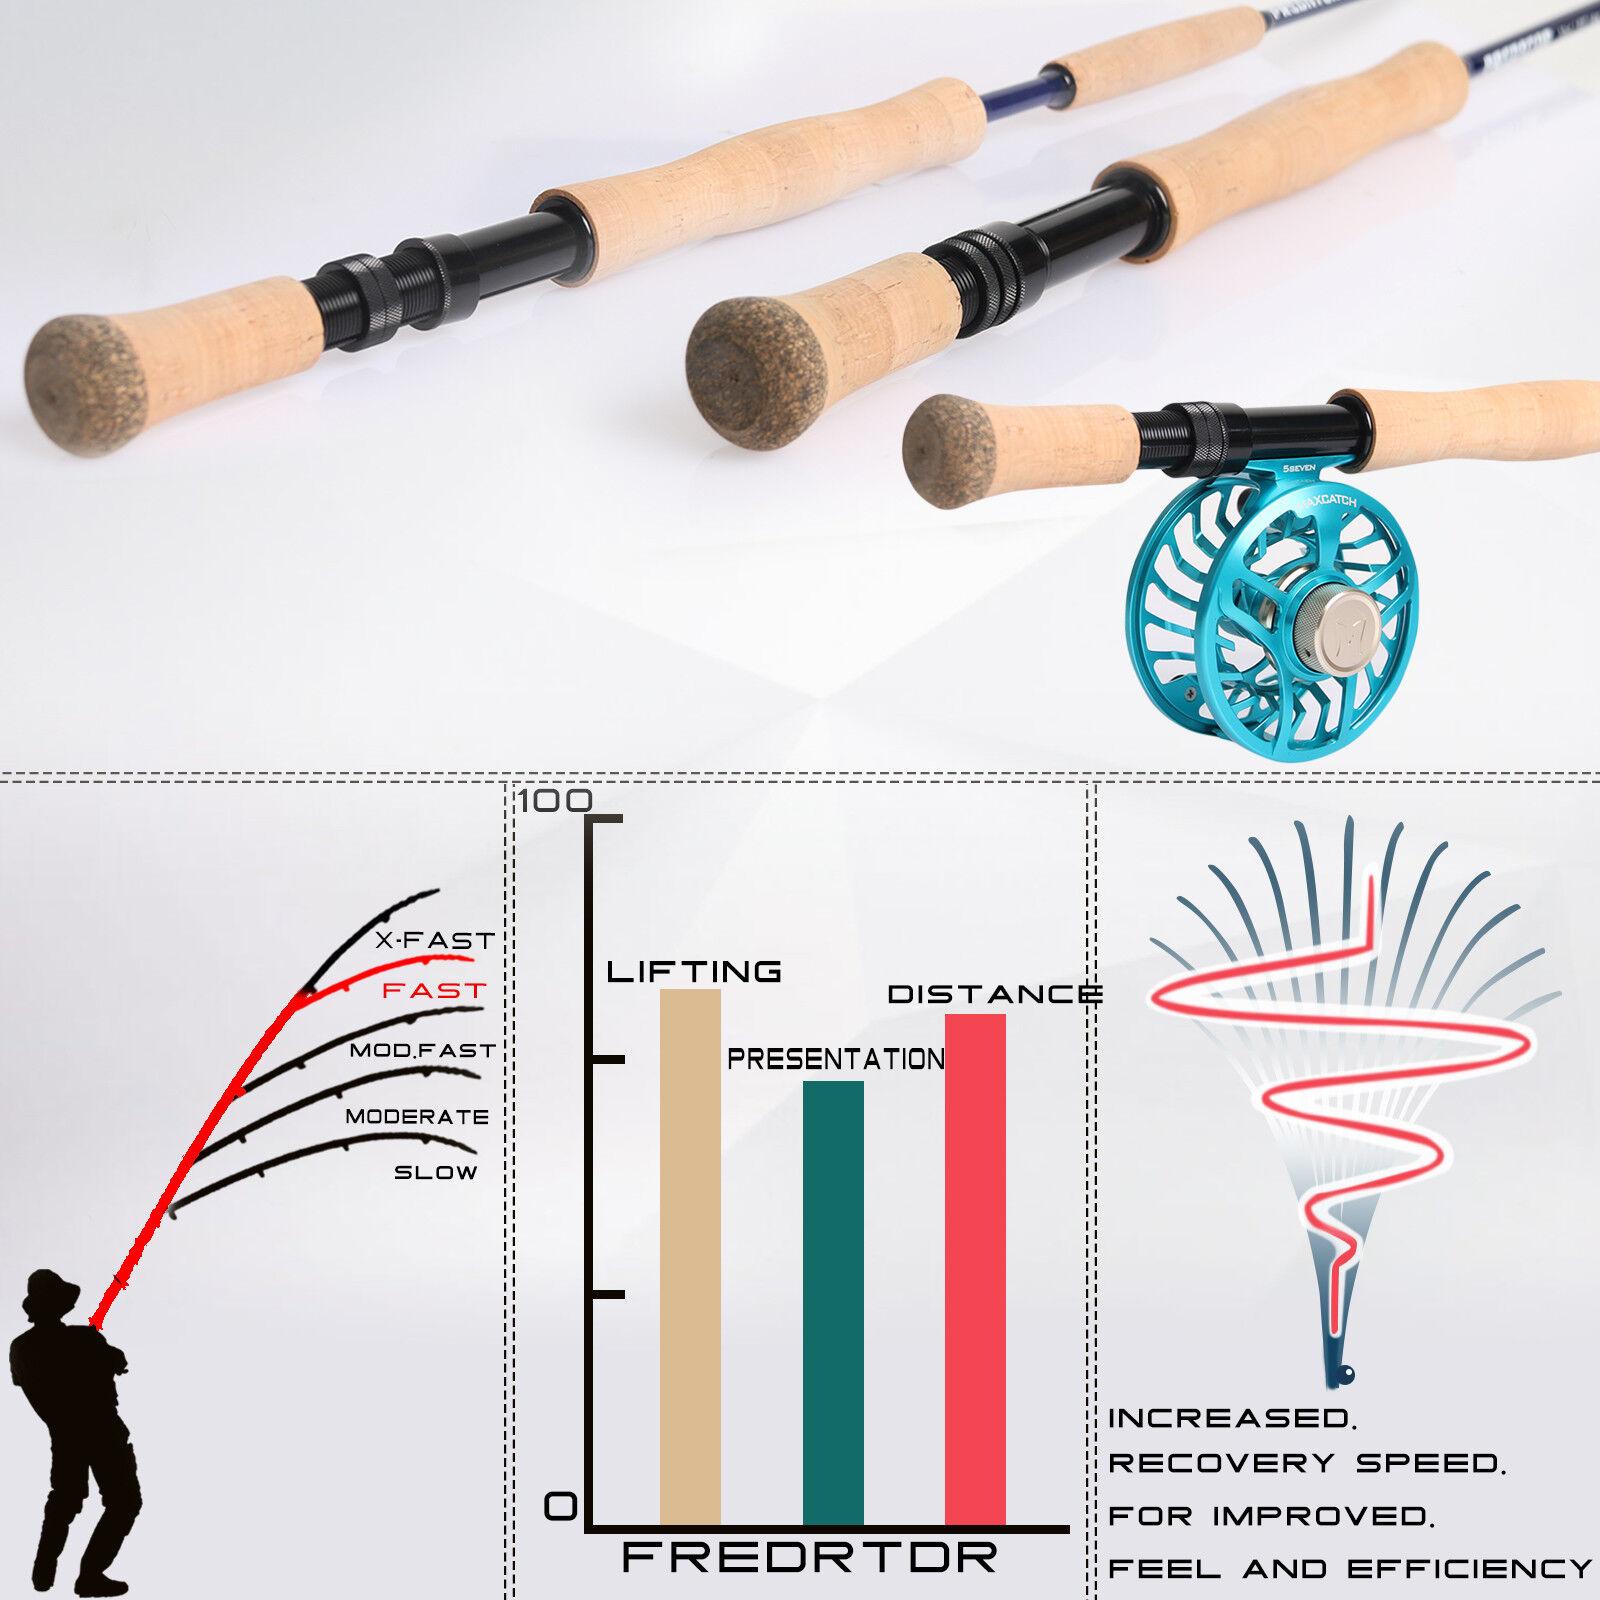 Maxcatch Salzwasser Fliegenruten Fliegenruten Fliegenruten 9ft 8-12wt 4-Teile Spitzenaktion Graphit IM10 74e291